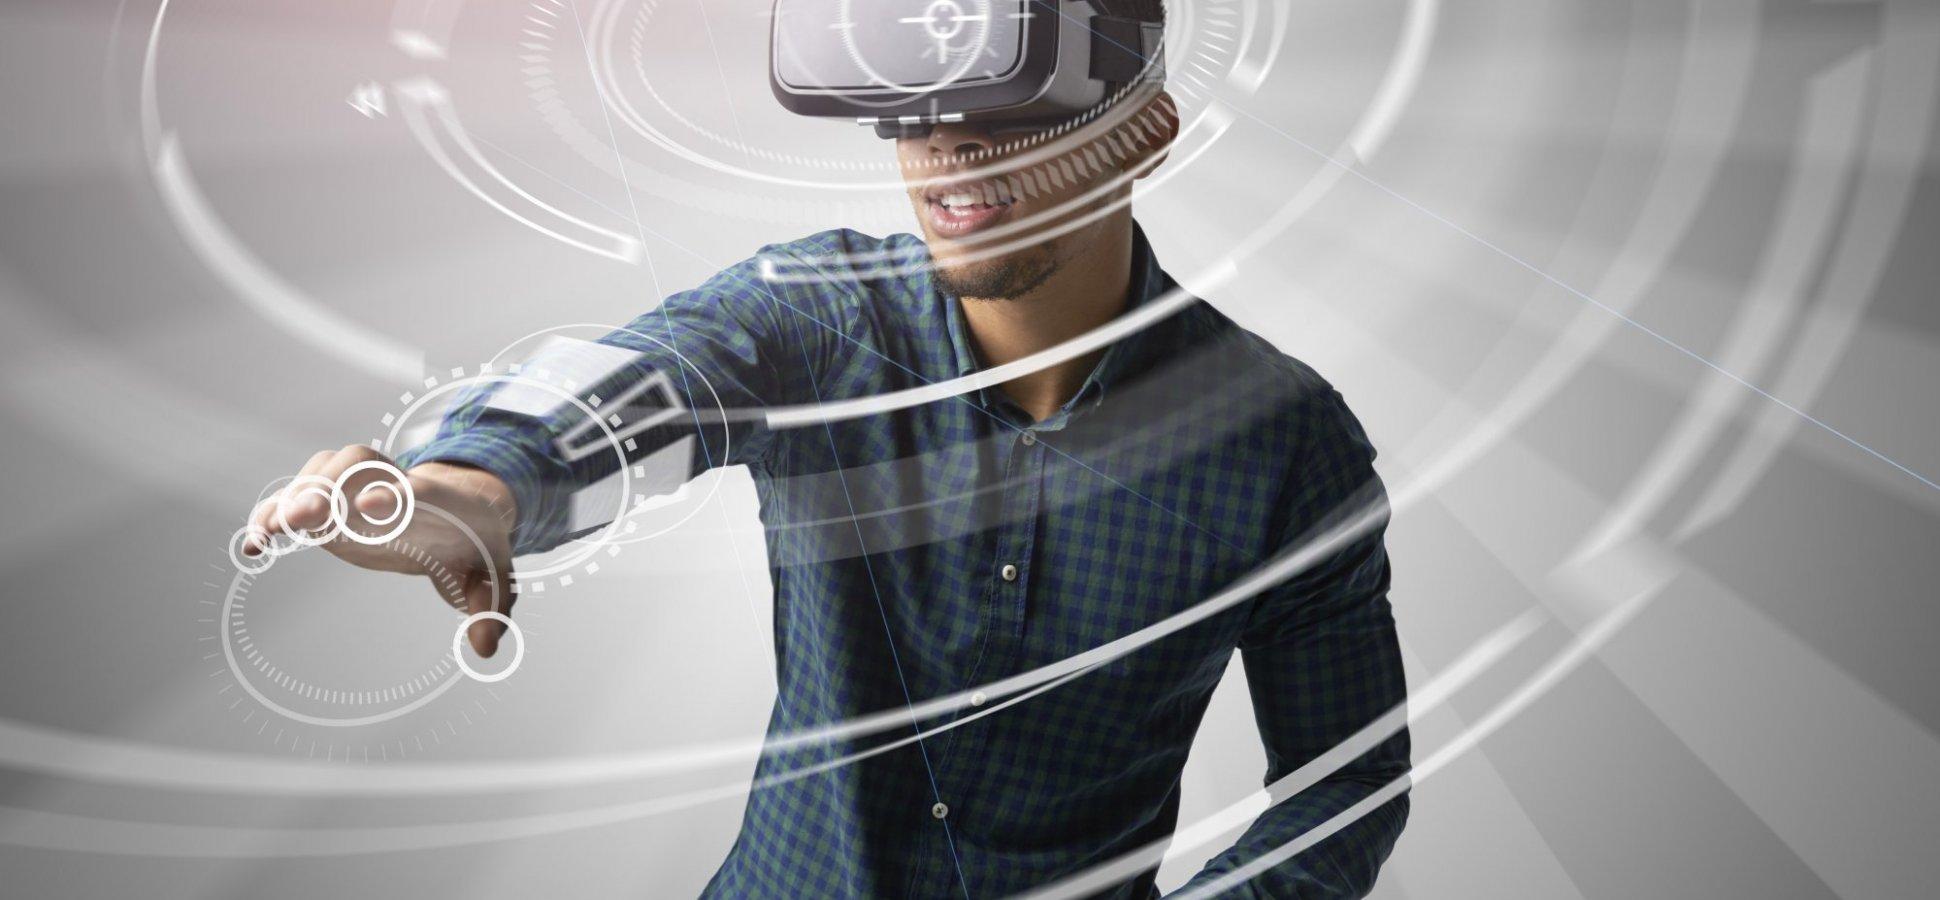 الواقع المختلط XR - الذكاء الاصطناعي والبلوك تشين وغيرها الكثير… ماذا ينتظرنا في عام 2020؟